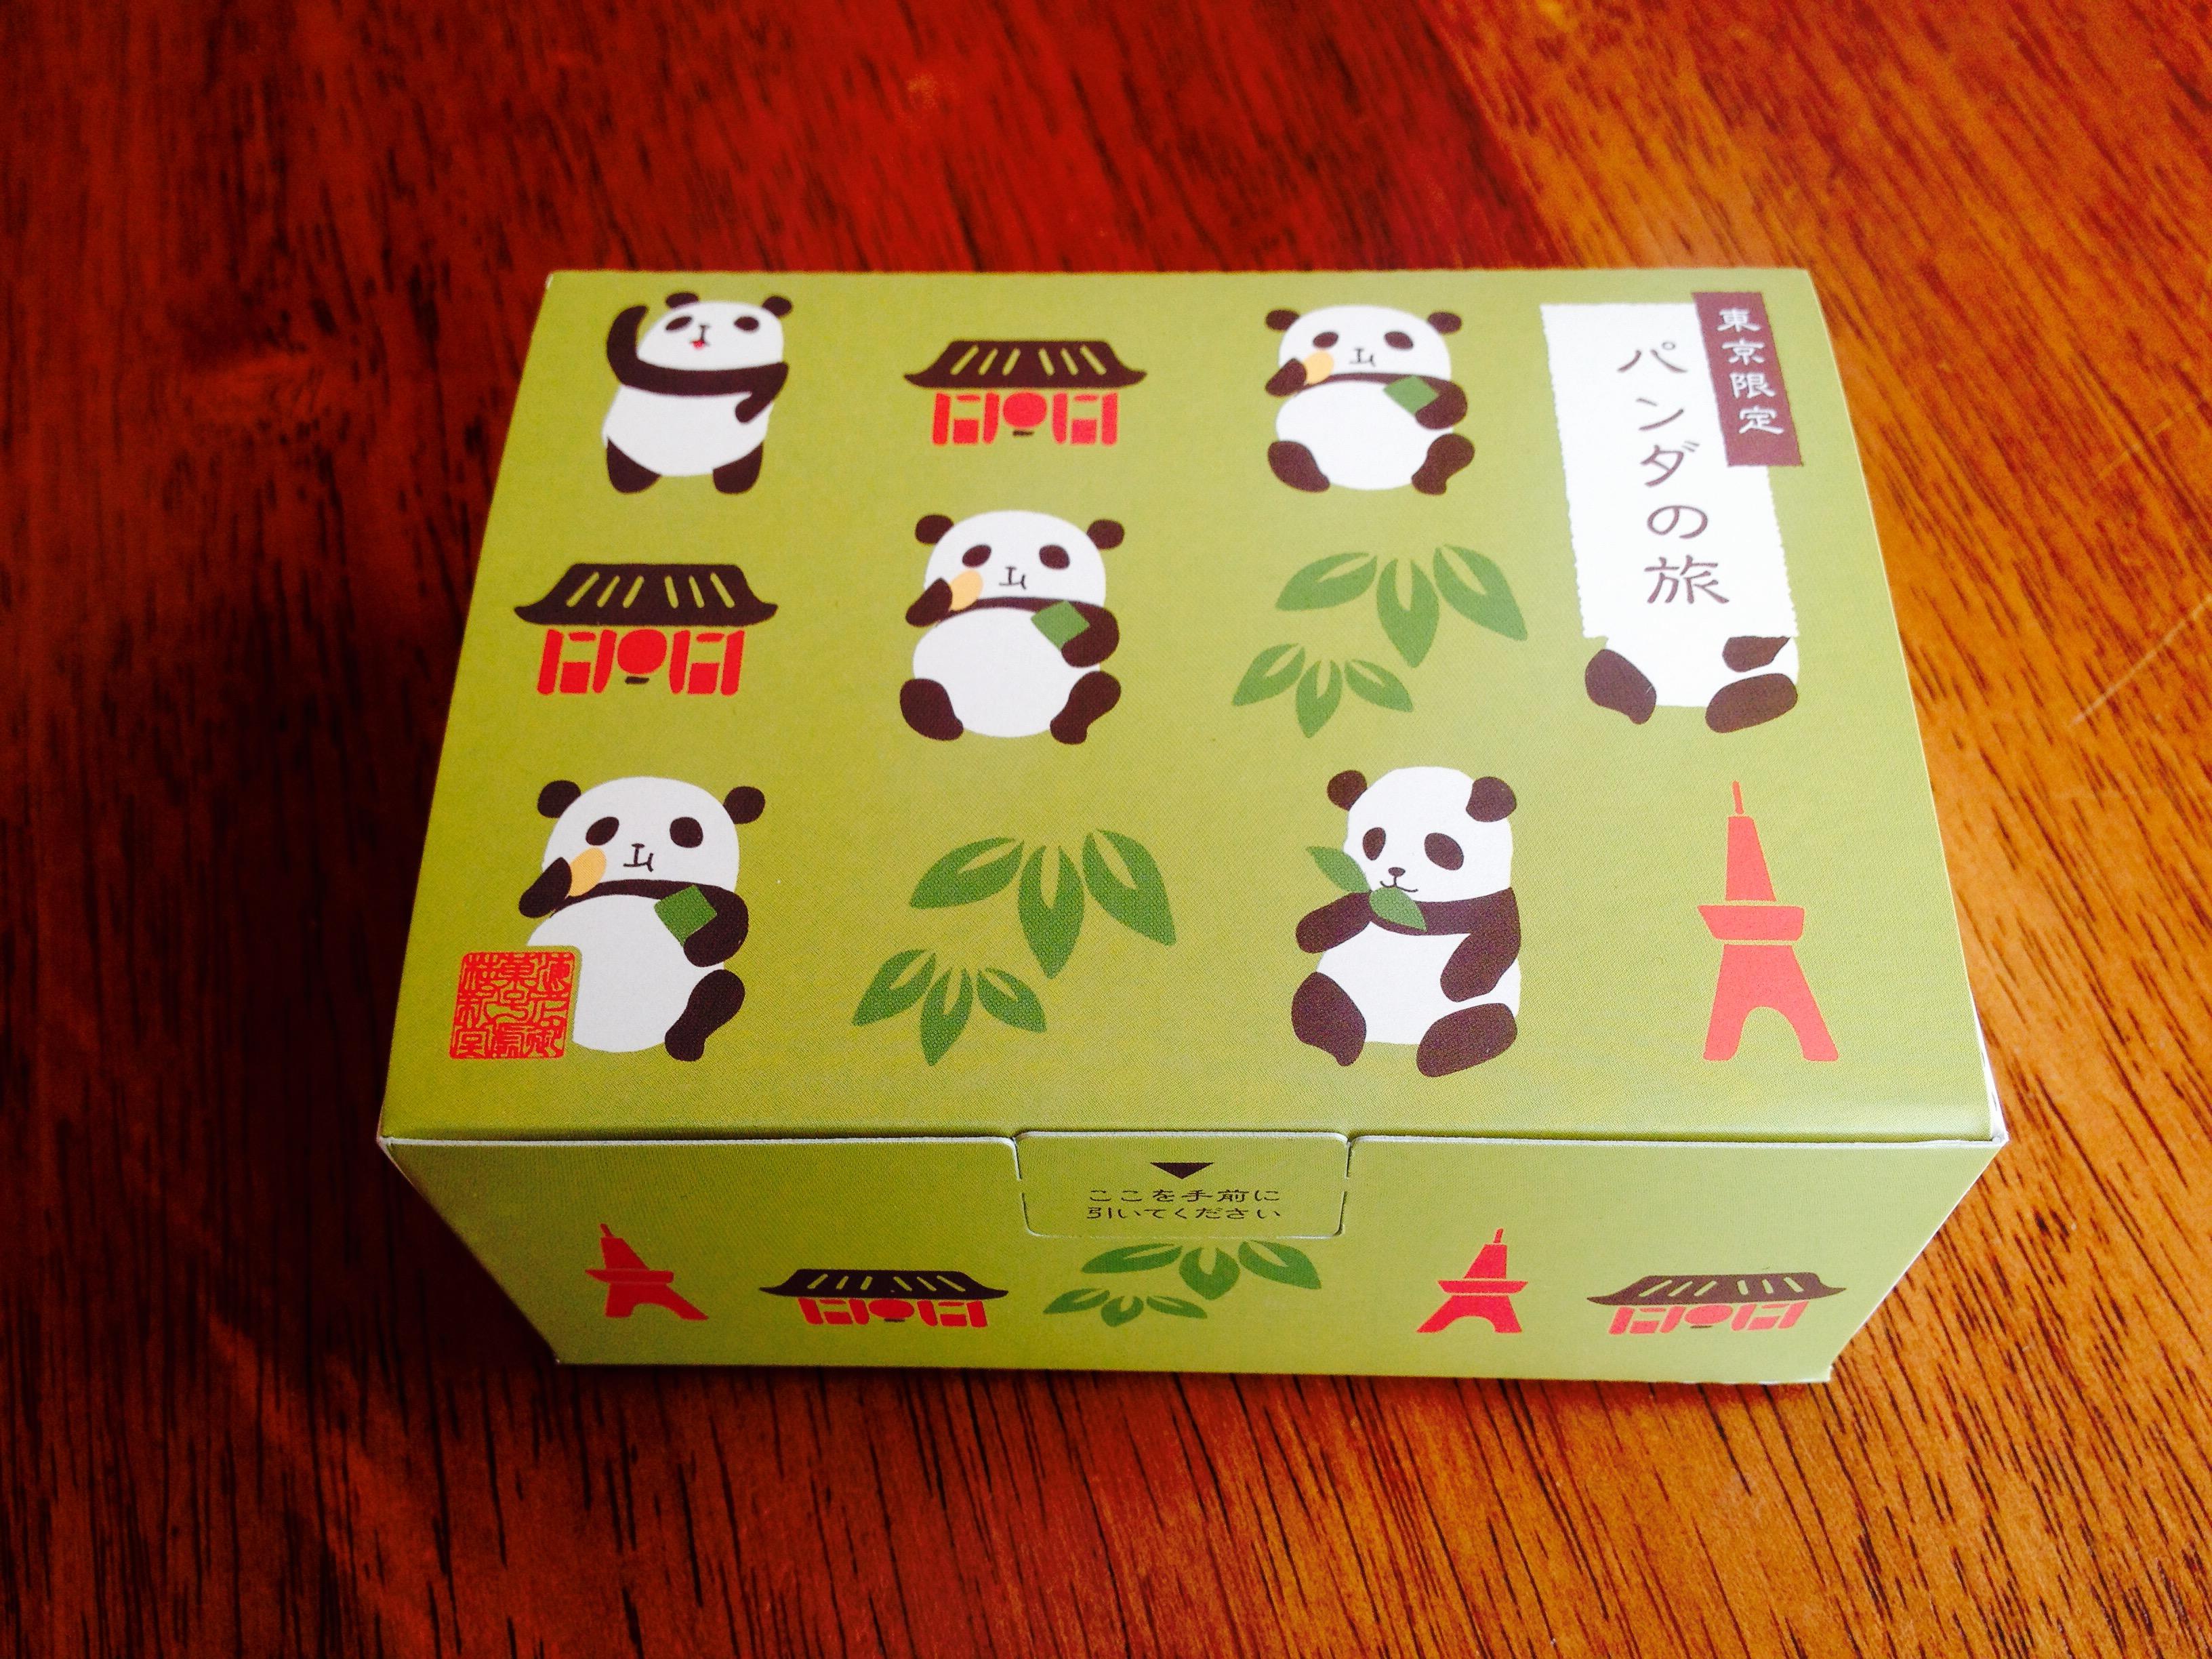 東京駅だけでしか買えないかわいいせんべい「パンダの旅」